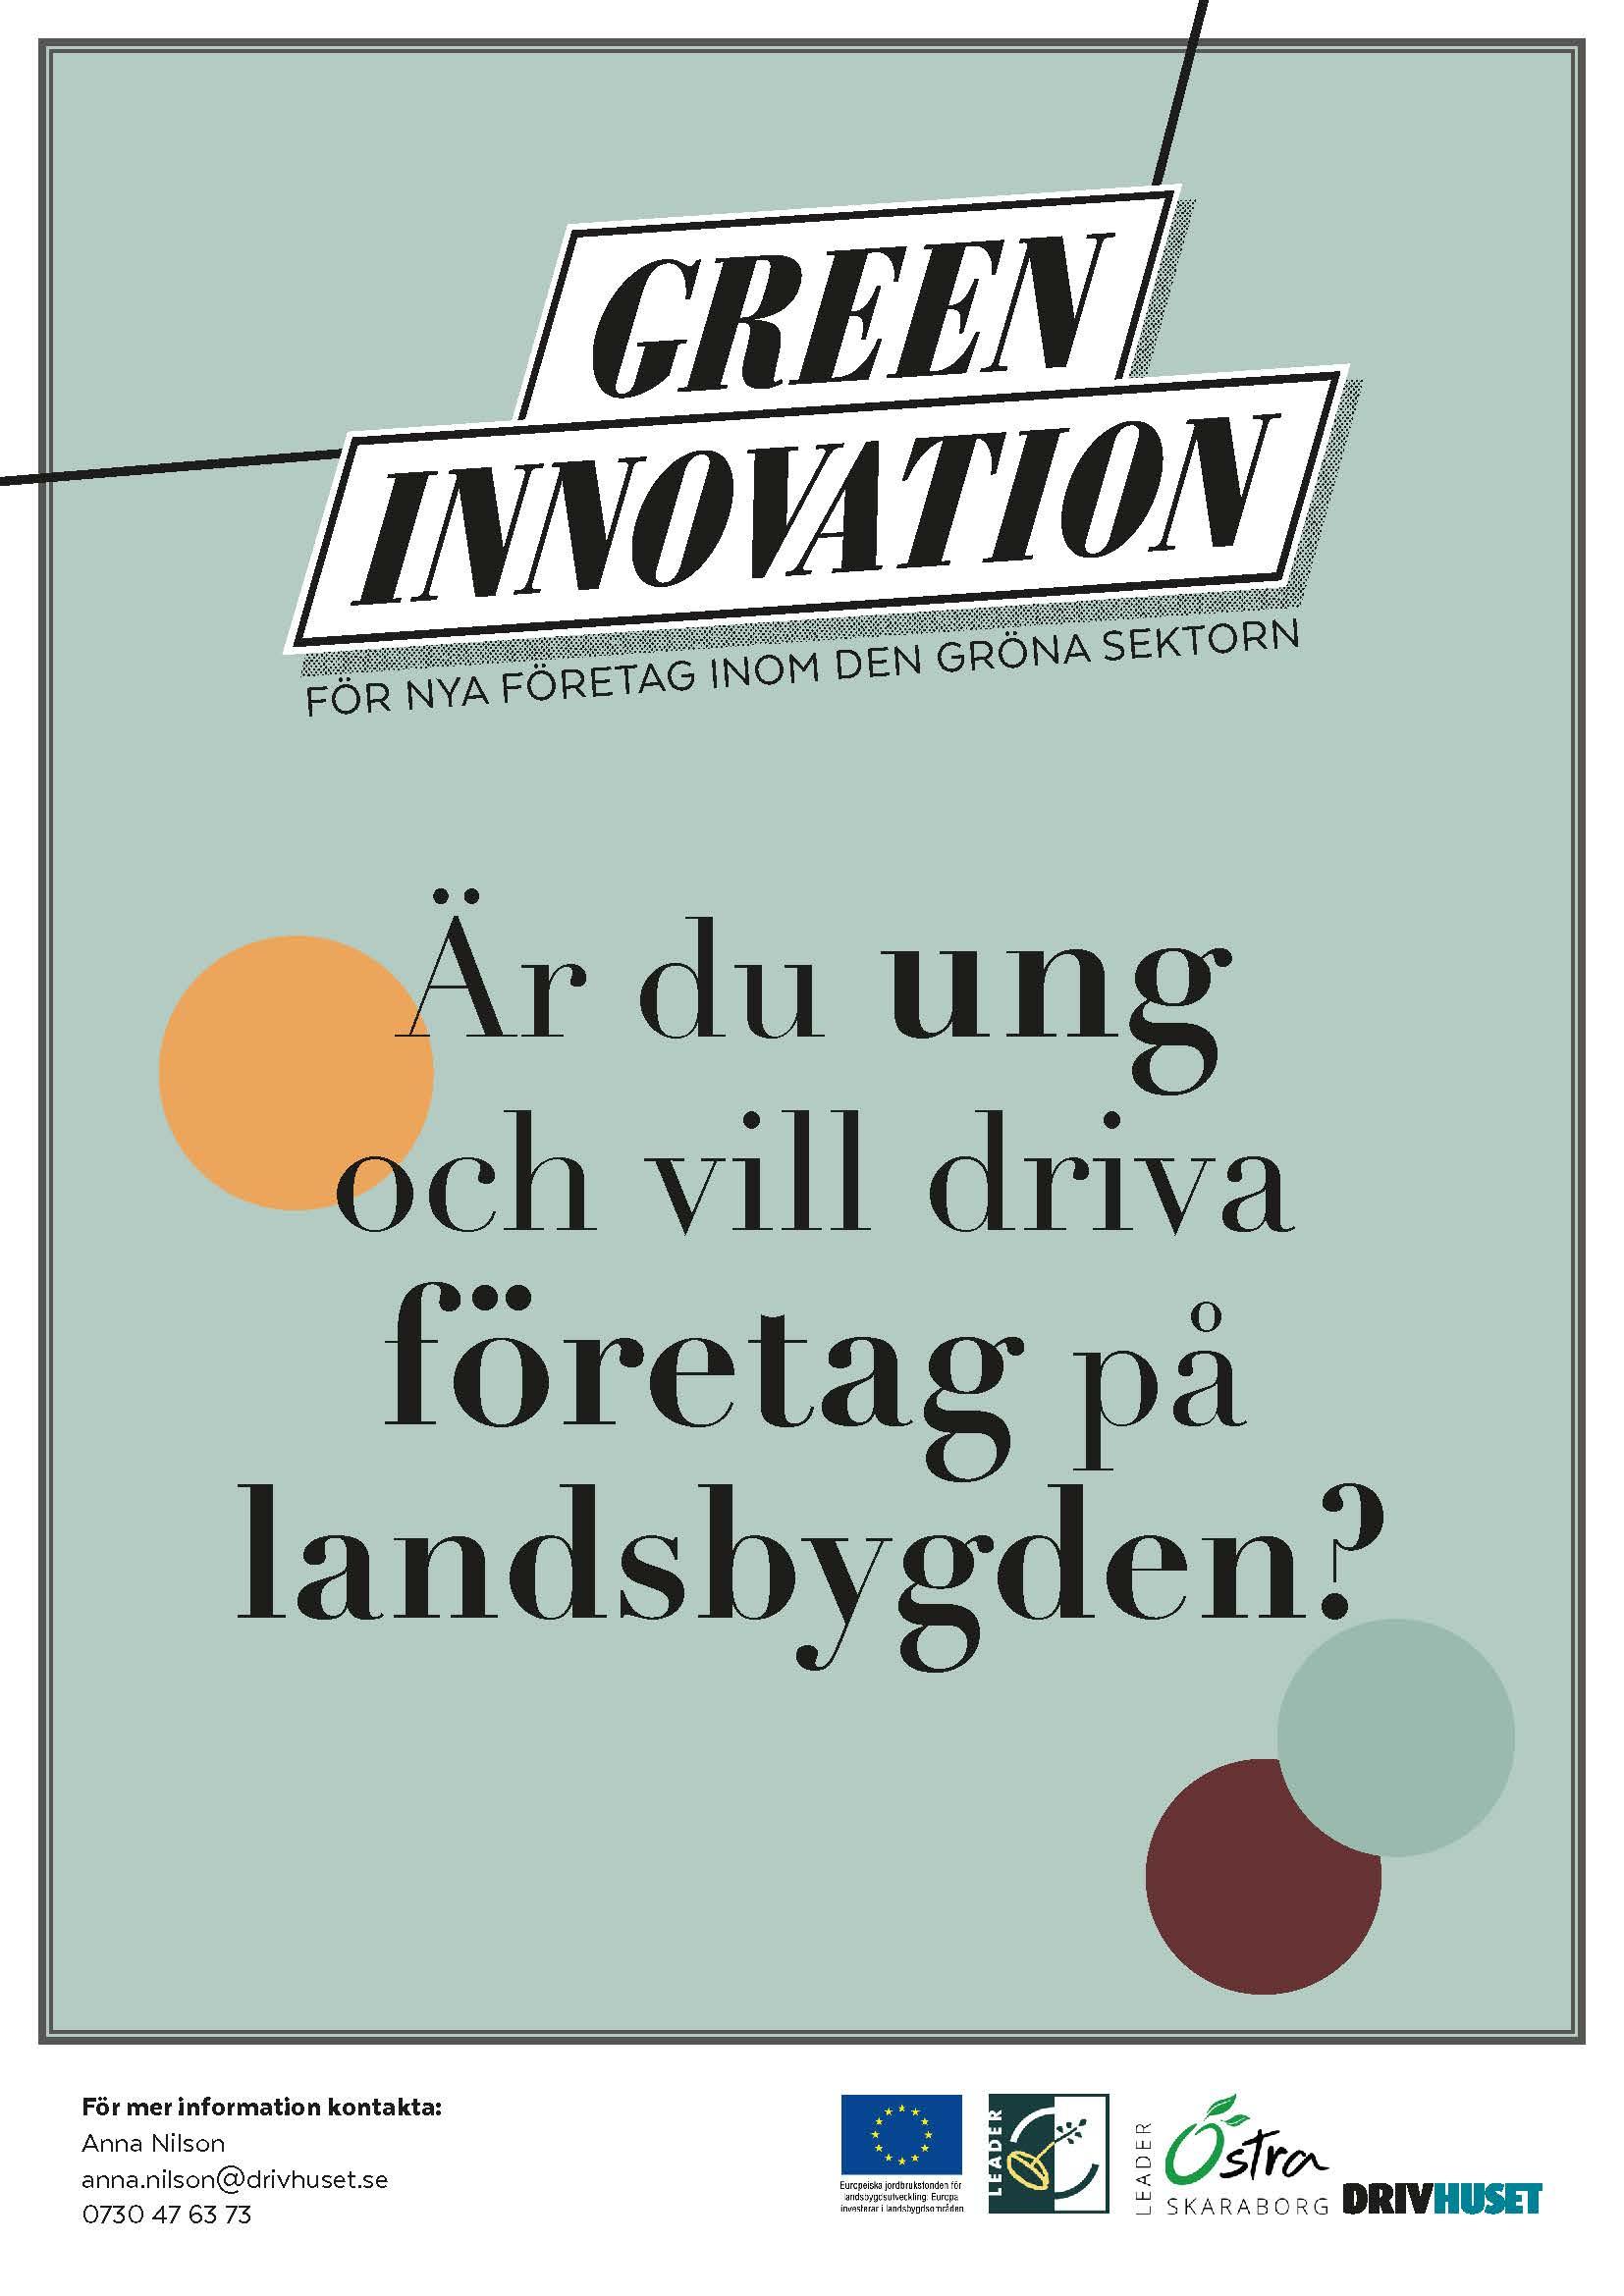 green innovation, logotype och grafisk profil till EU-projekt